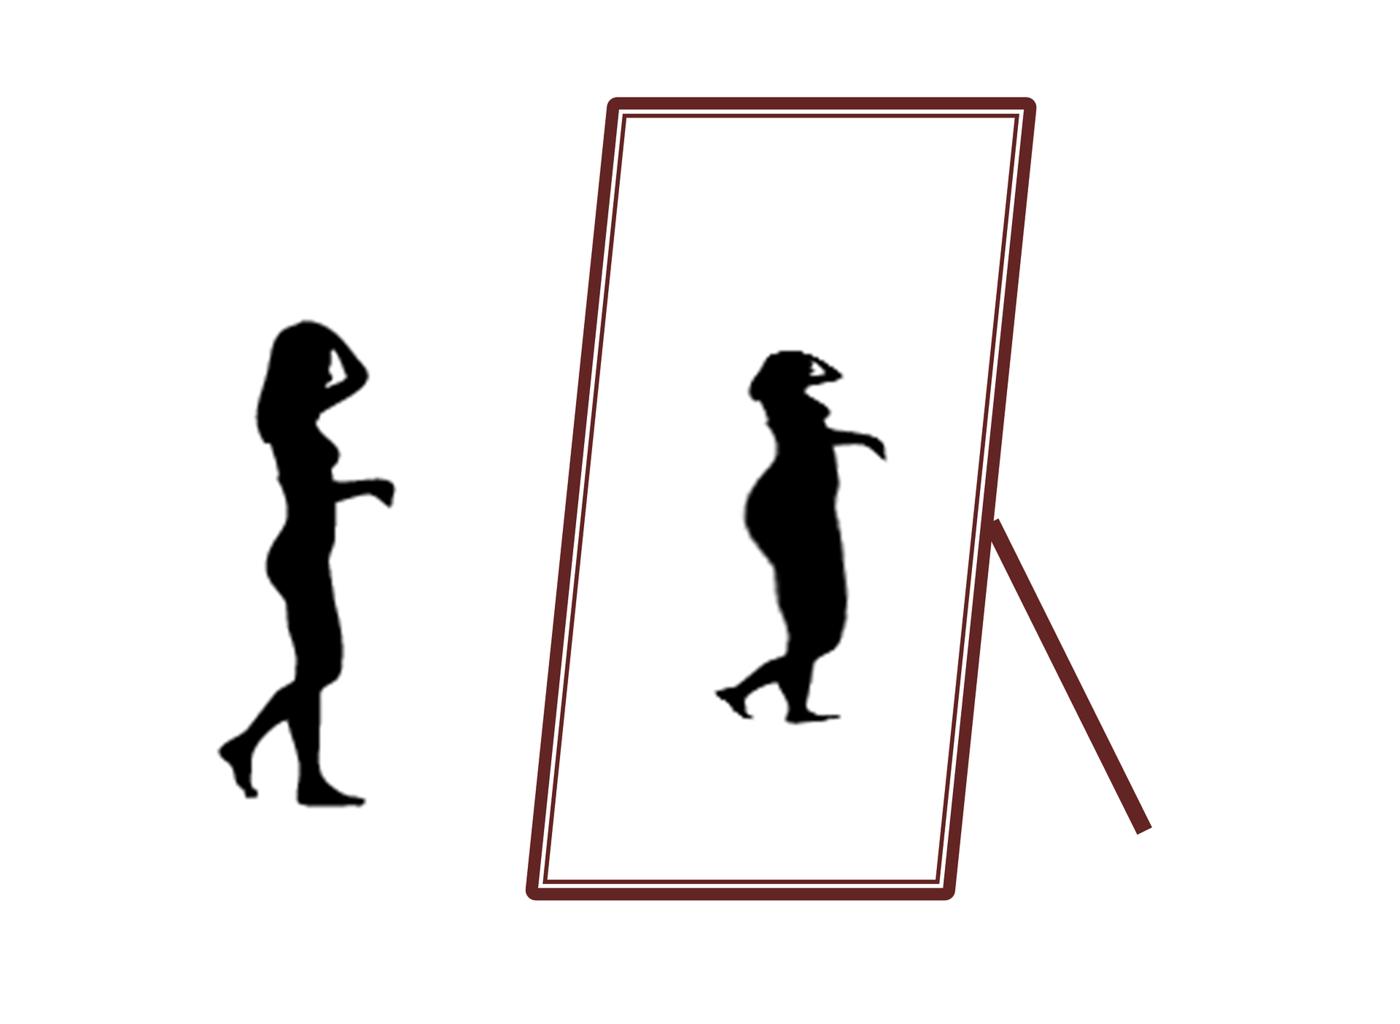 anoreksja, metabolizm, badanie anoreksja, anoreksja genetyka, psychika anoreksja, ciało anoreksja